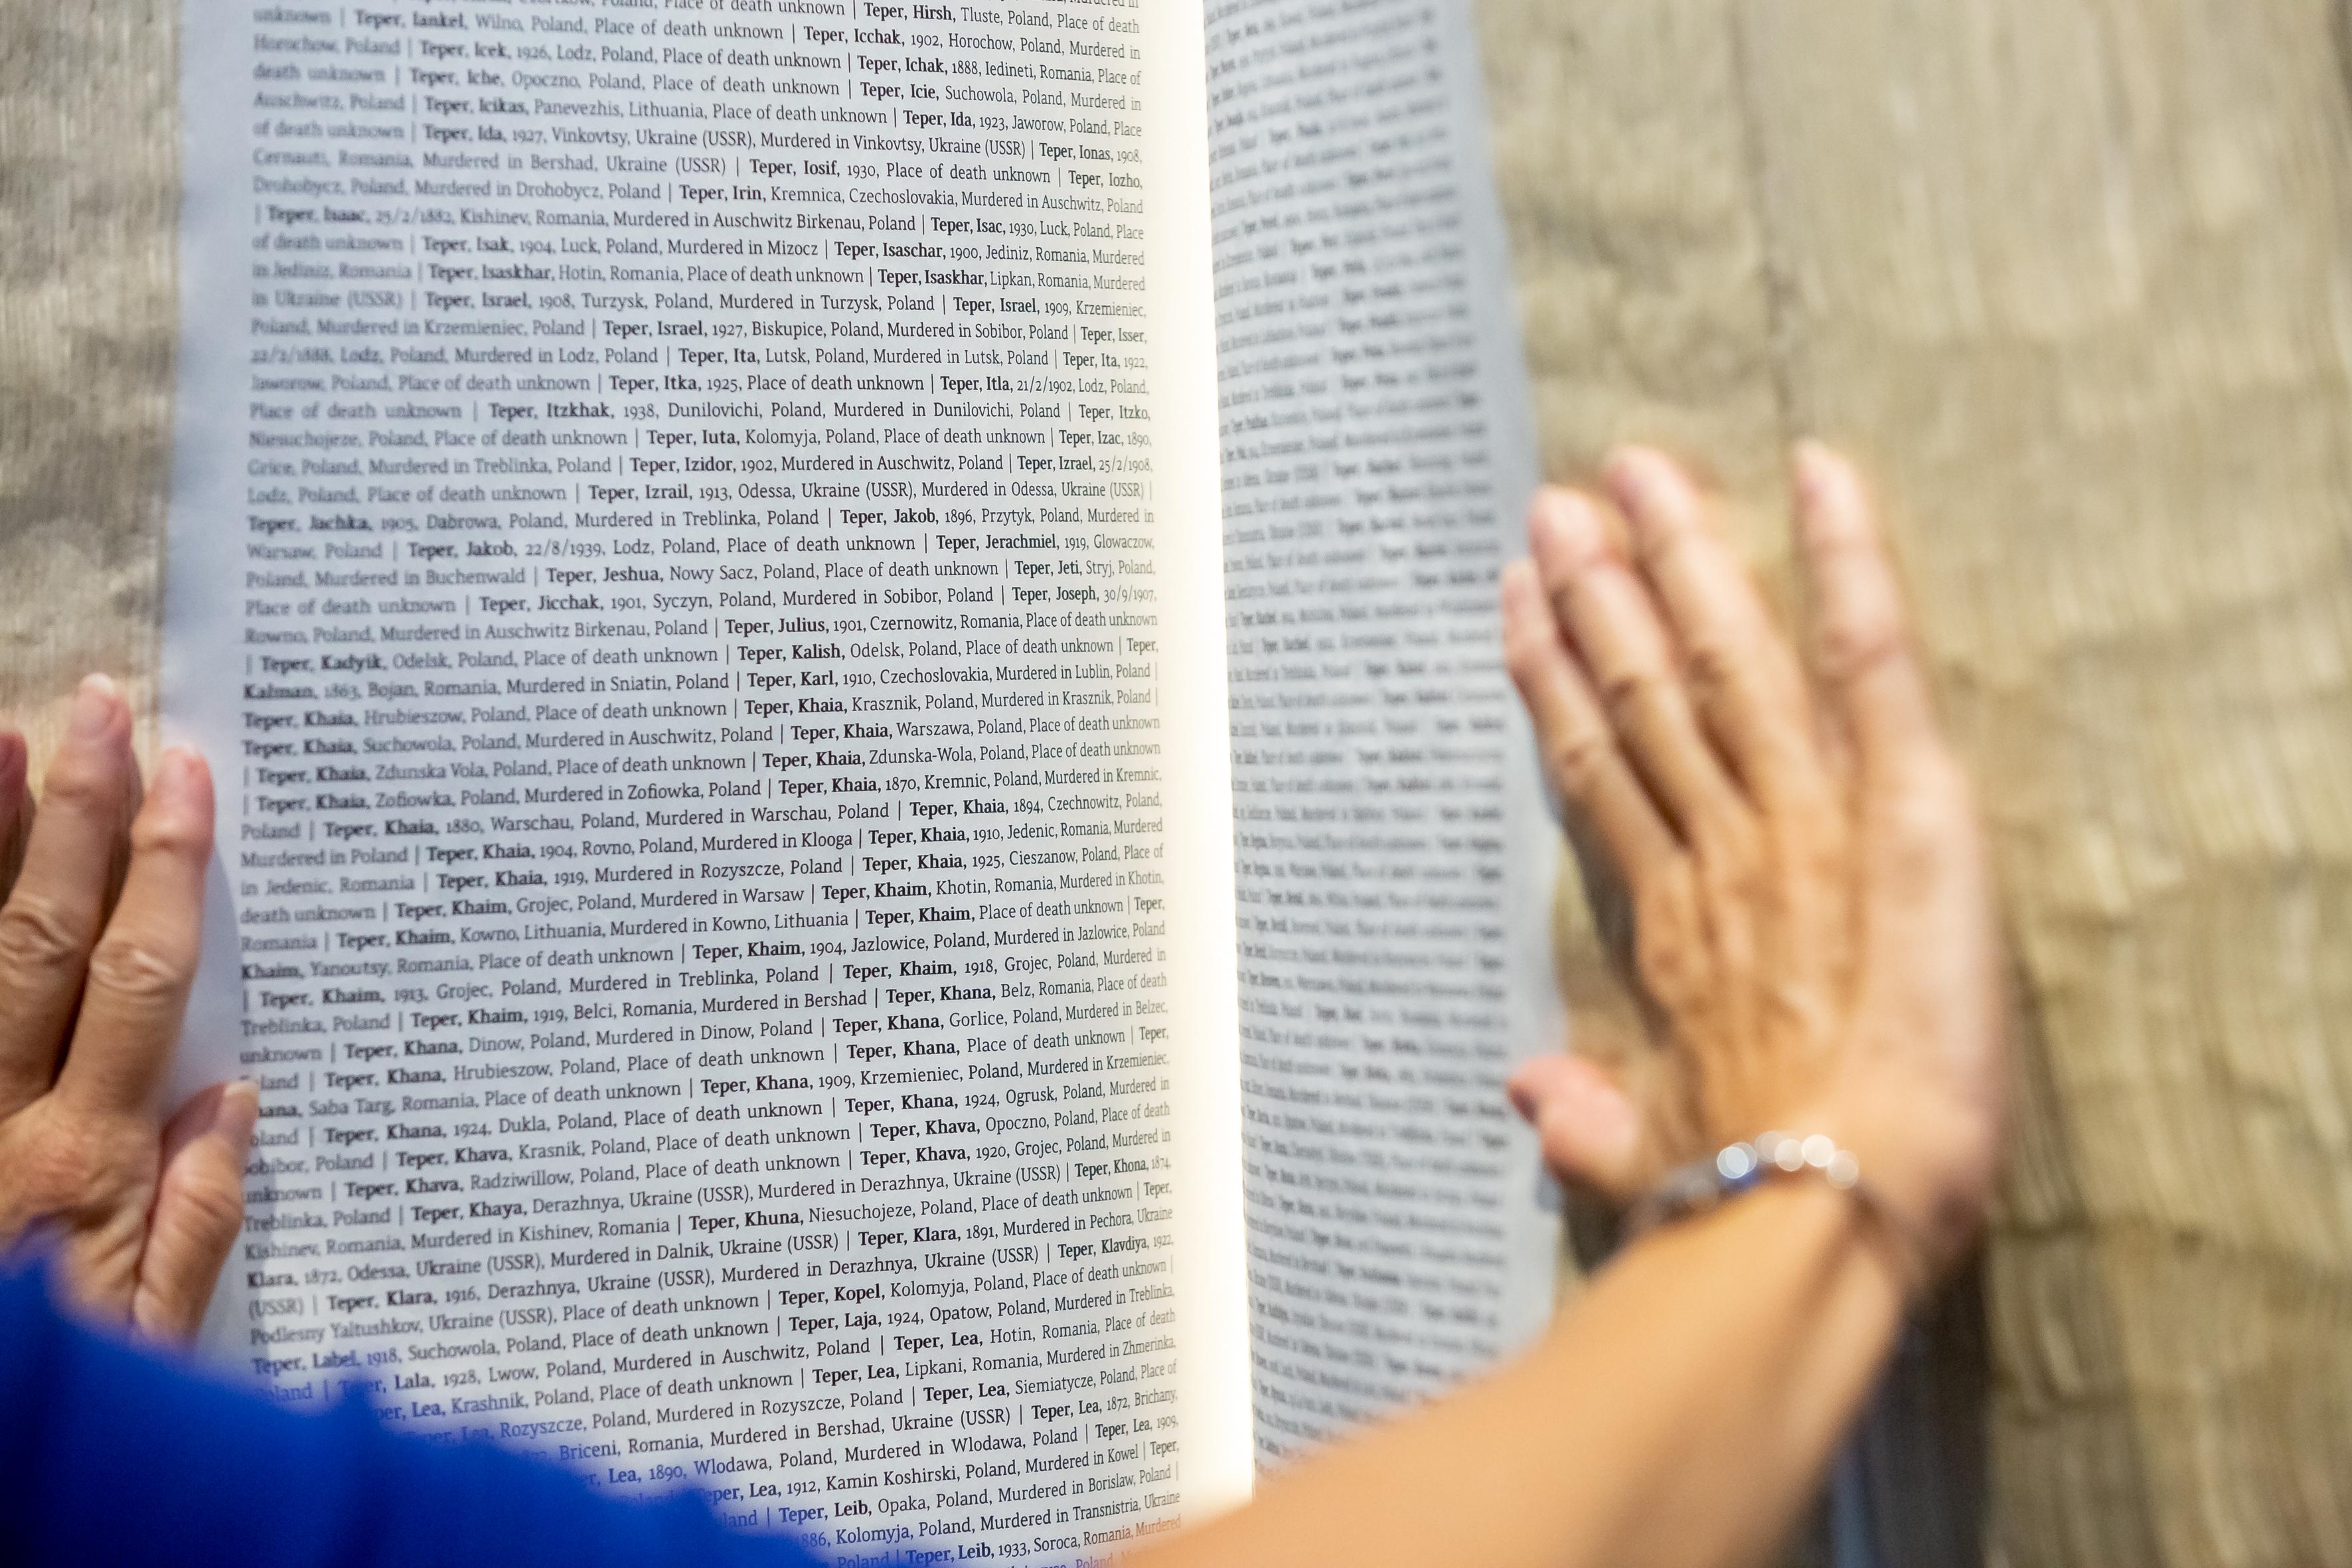 """Das """"Buch der Namen"""" in der Shoa Ausstellung der Gedenkstätte Auschwitz-Birkenau"""